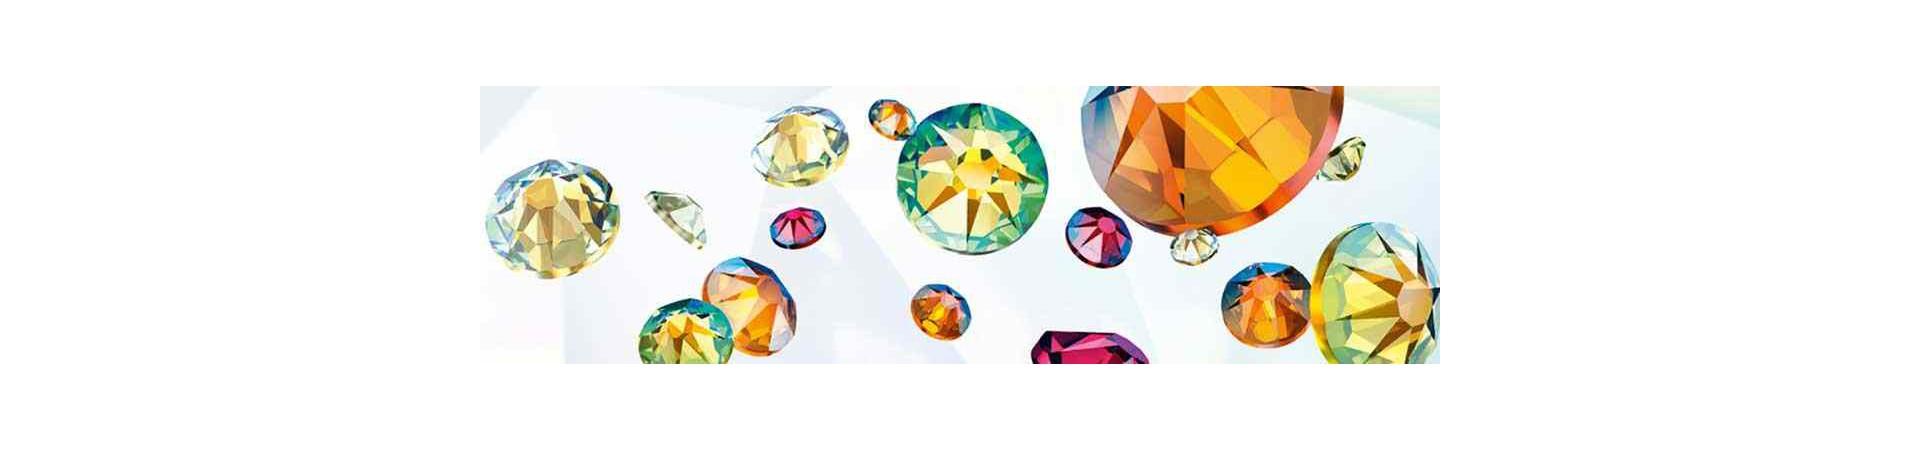 Liimitavad lamepõhja kristallid